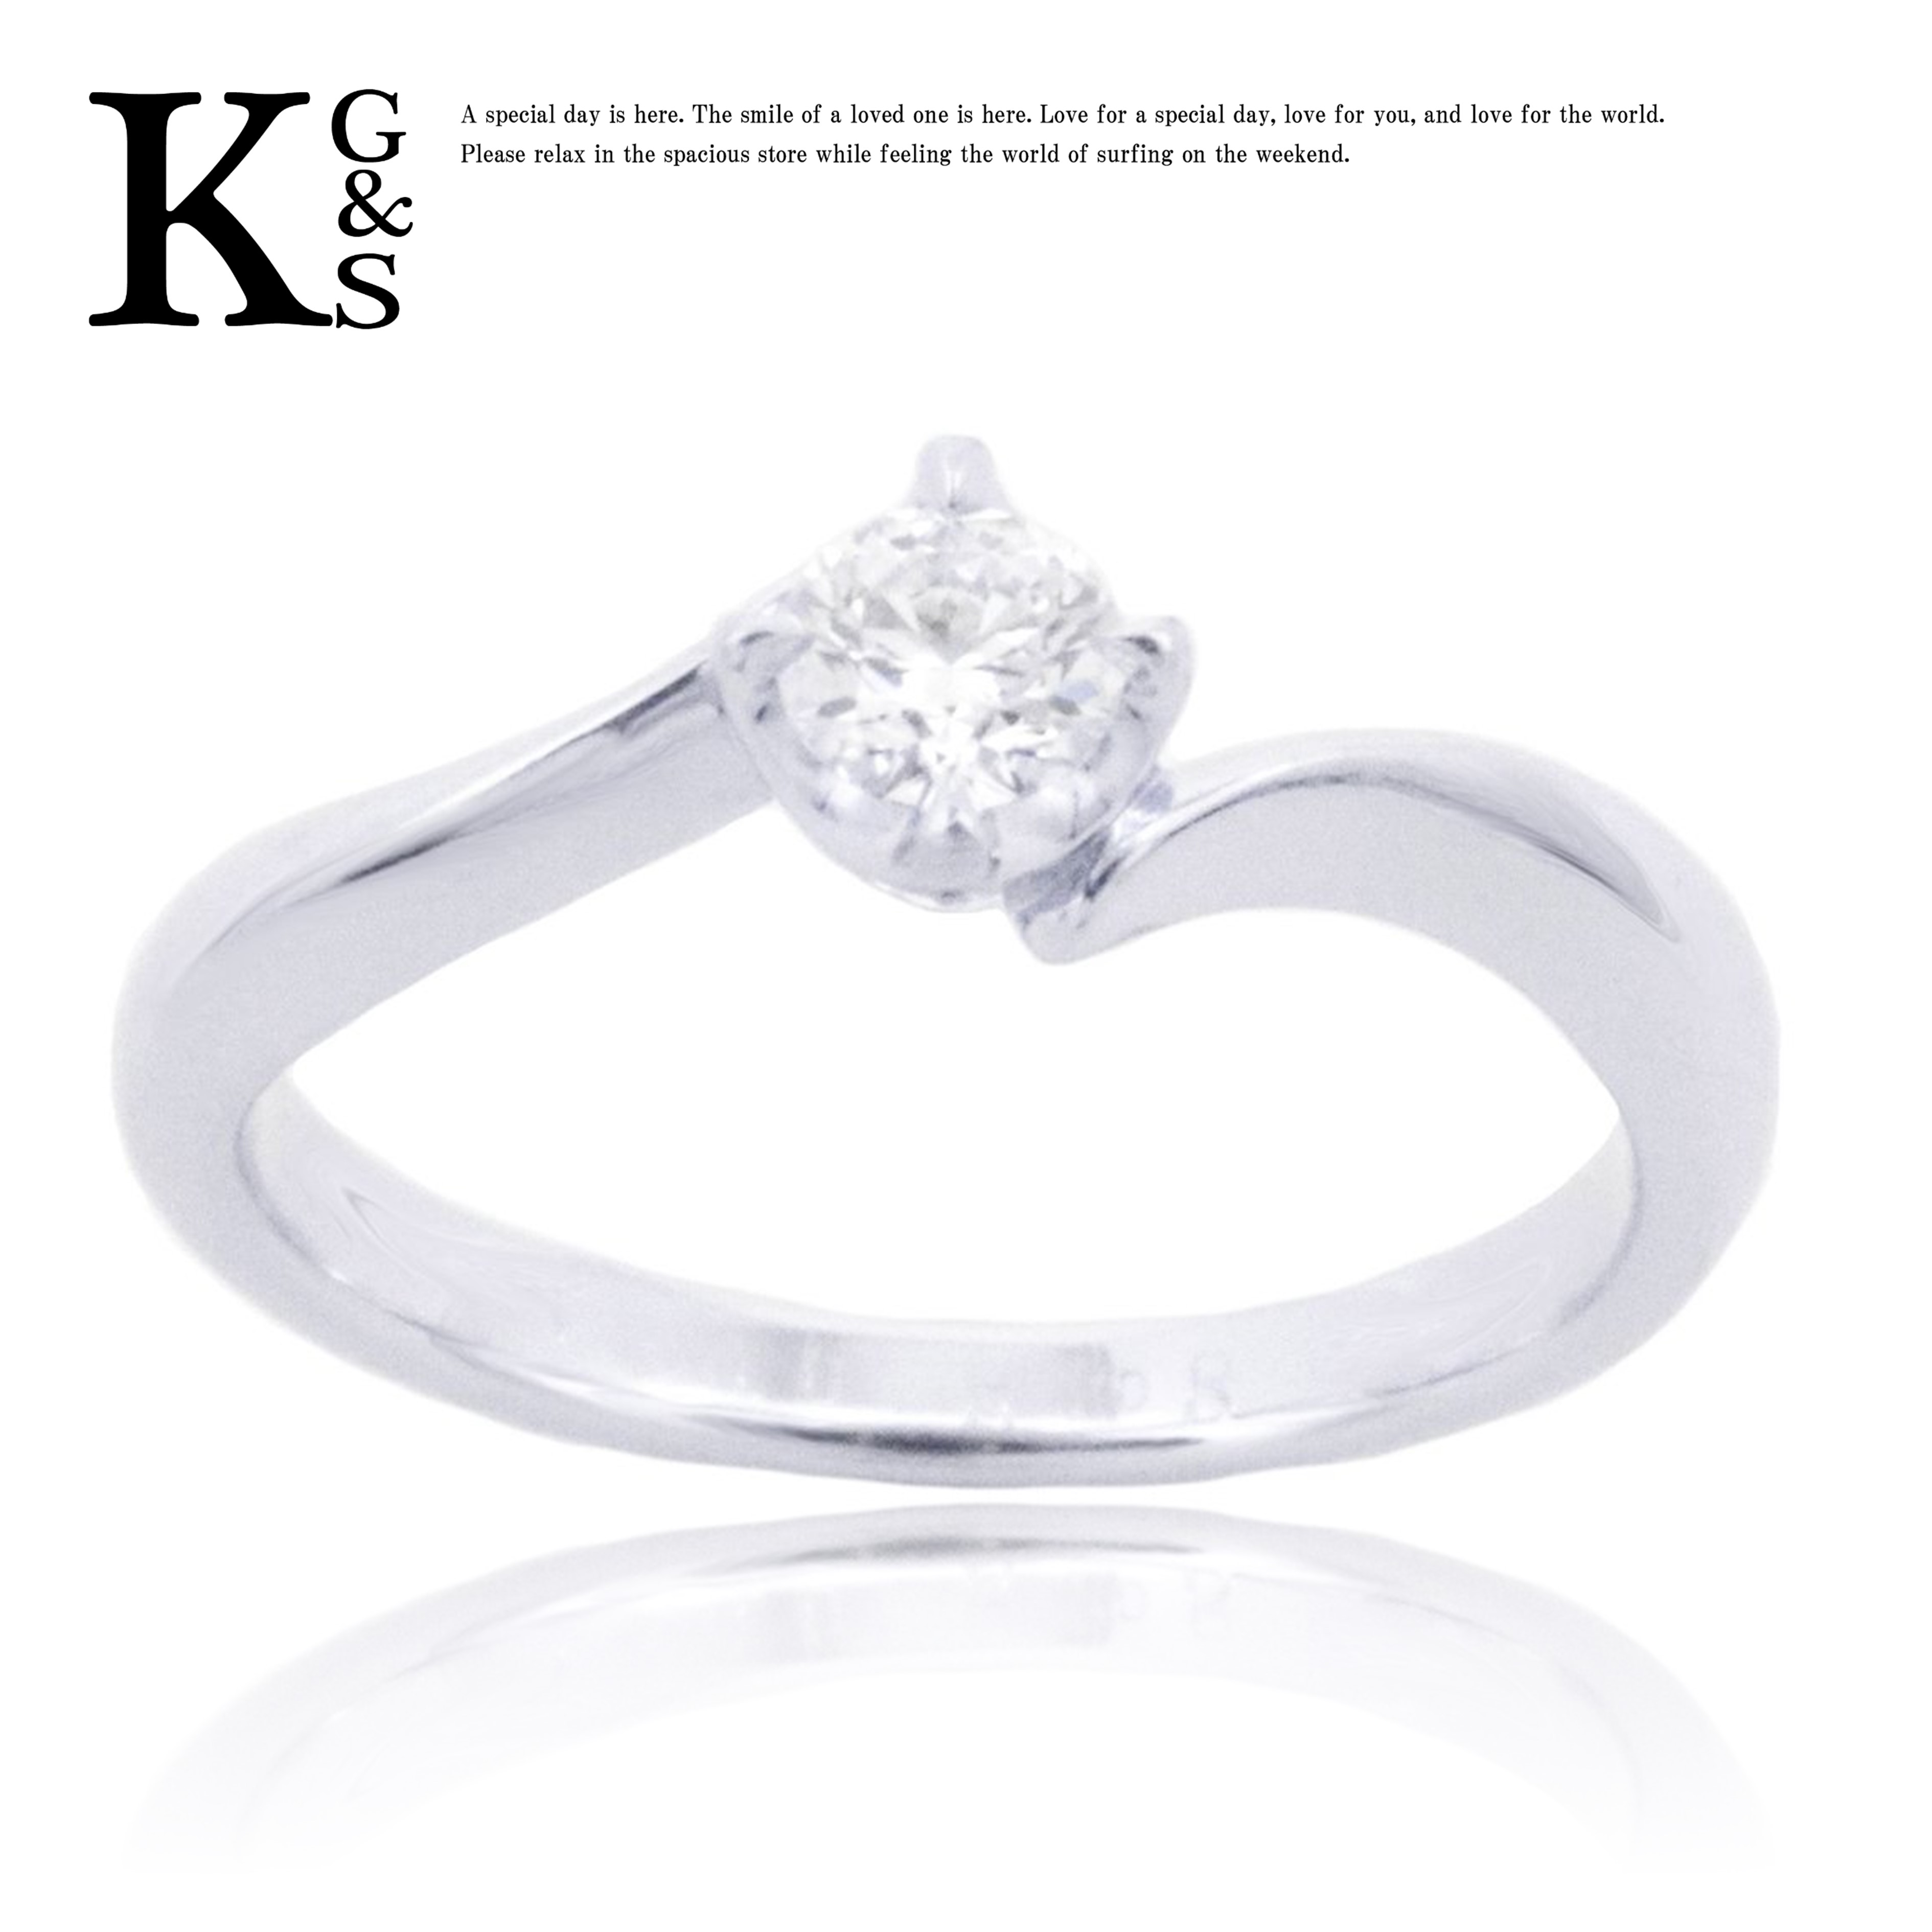 【ギフト品質】【名入れ】【0.165ct】ヨンドシー/4°C レディース ジュエリー エンゲージリング/婚約指輪 1Pダイヤモンド シルバー Pt950 プラチナ